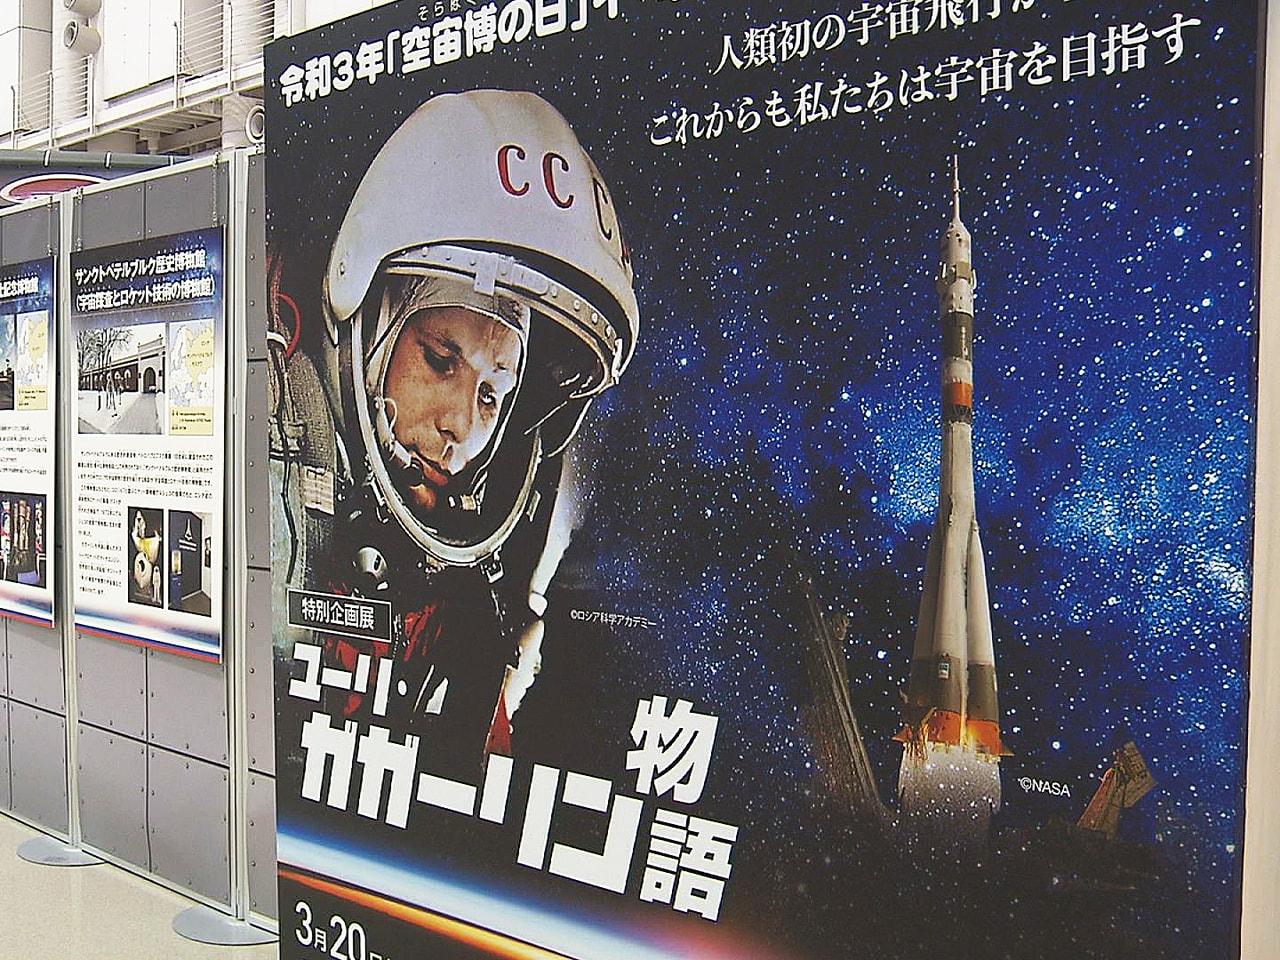 「地球は青かった」の言葉で知られる旧ソ連の宇宙飛行士・ガガーリンが人類初の宇宙飛...